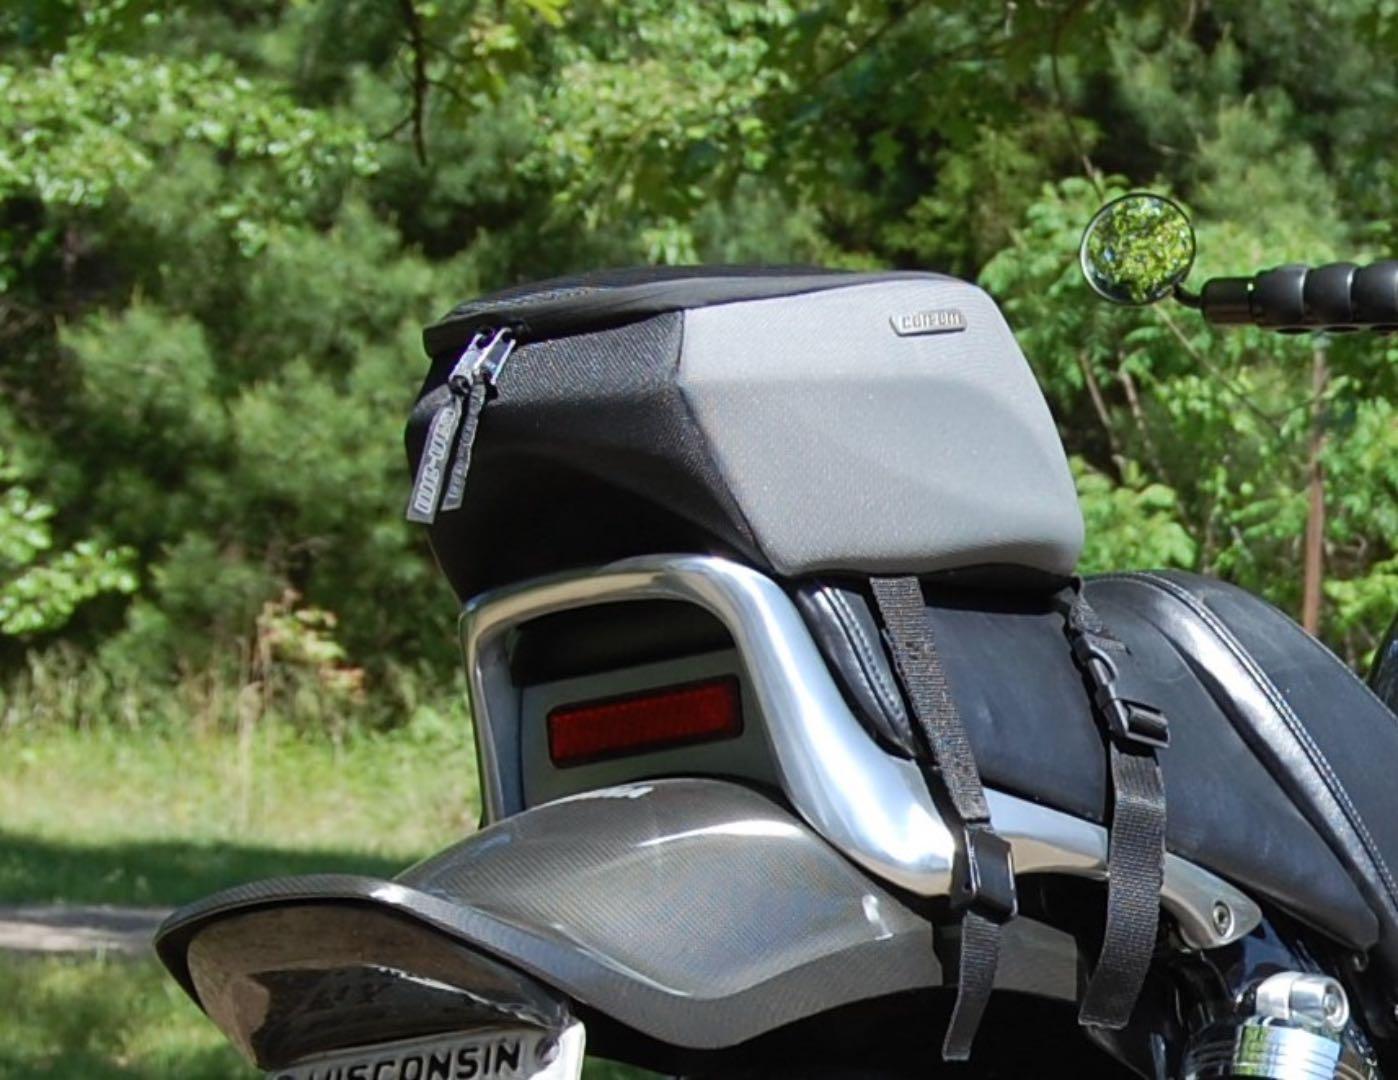 V-max luggage